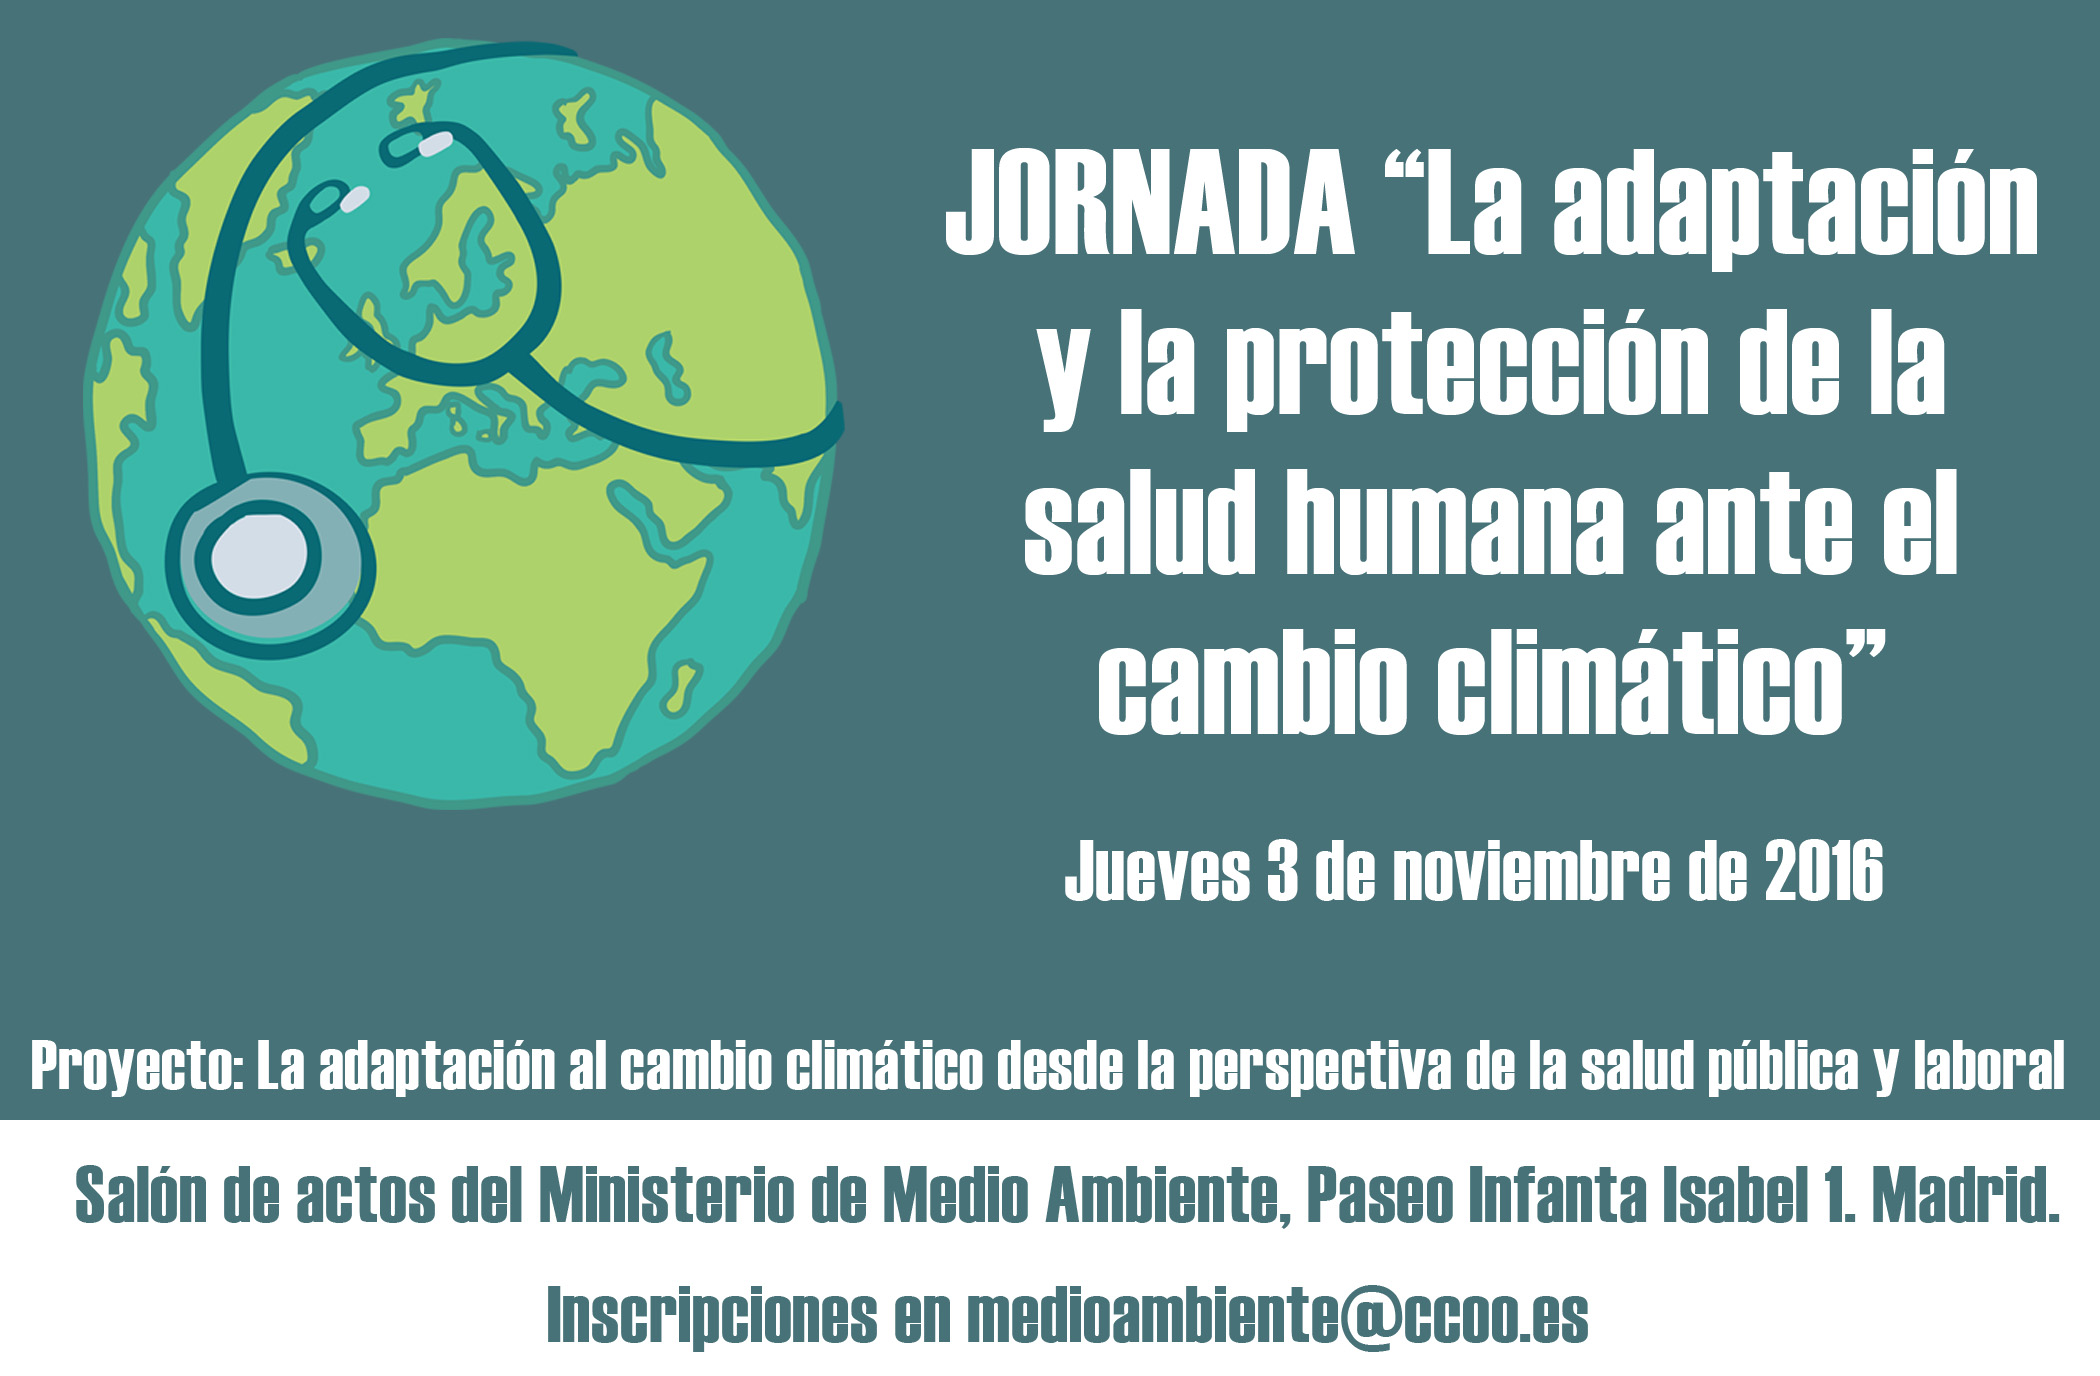 PR�XIMA JORNADA 3 DE NOVIEMBRE MADRID: �La adaptaci�n y la protecci�n de la salud humana ante el cambio clim�tico�